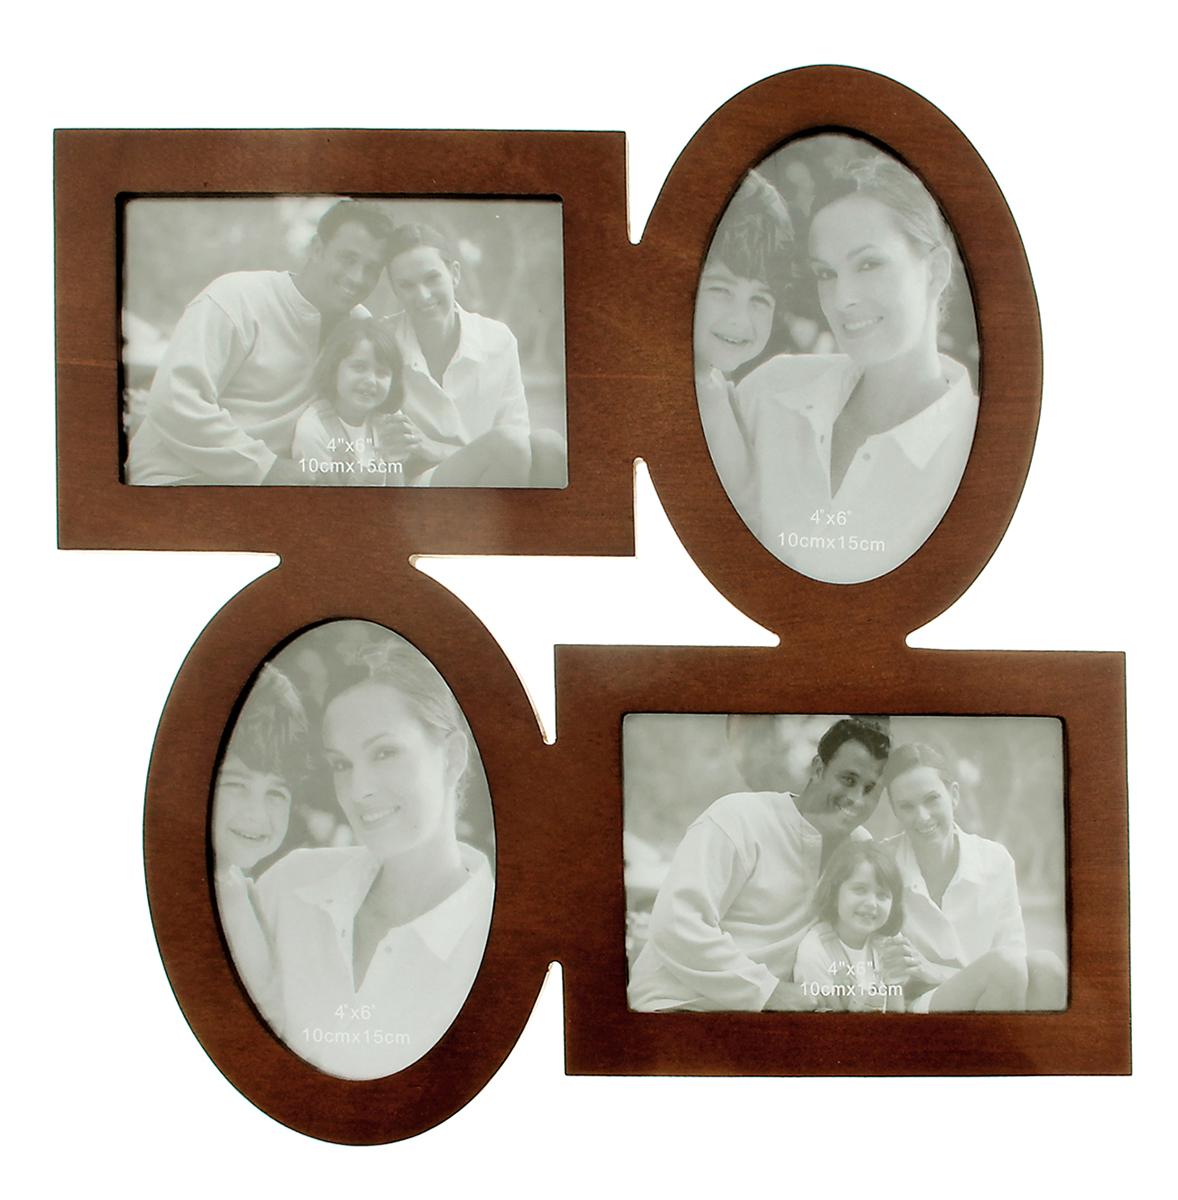 Фоторамка Лаконичность, на 4 фото, цвет: коричневый. 133507133507Фоторамка — необходимая вещь в каждом доме. Кроме того, это всегда нужный подарок, который уместен к любому празднику. Аксессуар не только бережно сохранит любимый снимок, но и украсит интерьер, сделает его более уютным и индивидуальным. Окружайте себя мелочами, которые день ото дня будут радовать глаз и поднимать настроение. Каждому хозяину периодически приходит мысль обновить свою квартиру, сделать ремонт, перестановку или кардинально поменять внешний вид каждой комнаты. Фоторамка на 4 фото 10х15 см Лаконичность, цвет махагон — привлекательная деталь, которая поможет воплотить вашу интерьерную идею, создать неповторимую атмосферу в вашем доме. Окружите себя приятными мелочами, пусть они радуют глаз и дарят гармонию.